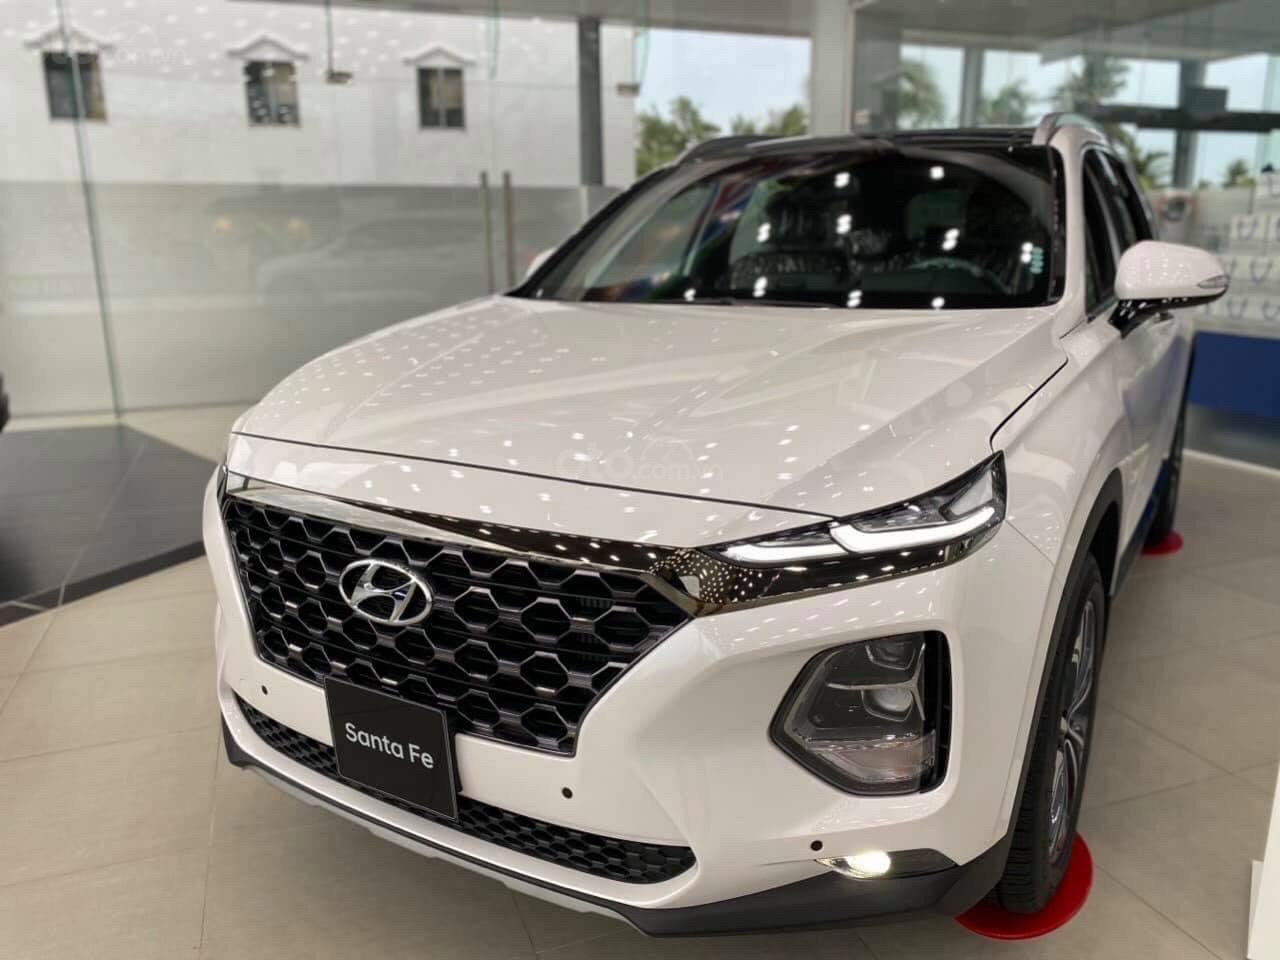 Bán xe Hyundai SantaFe 7 chỗ mới 100% giá lăn bánh cực thấp - đưa trước 300 triệu nhận xe (3)